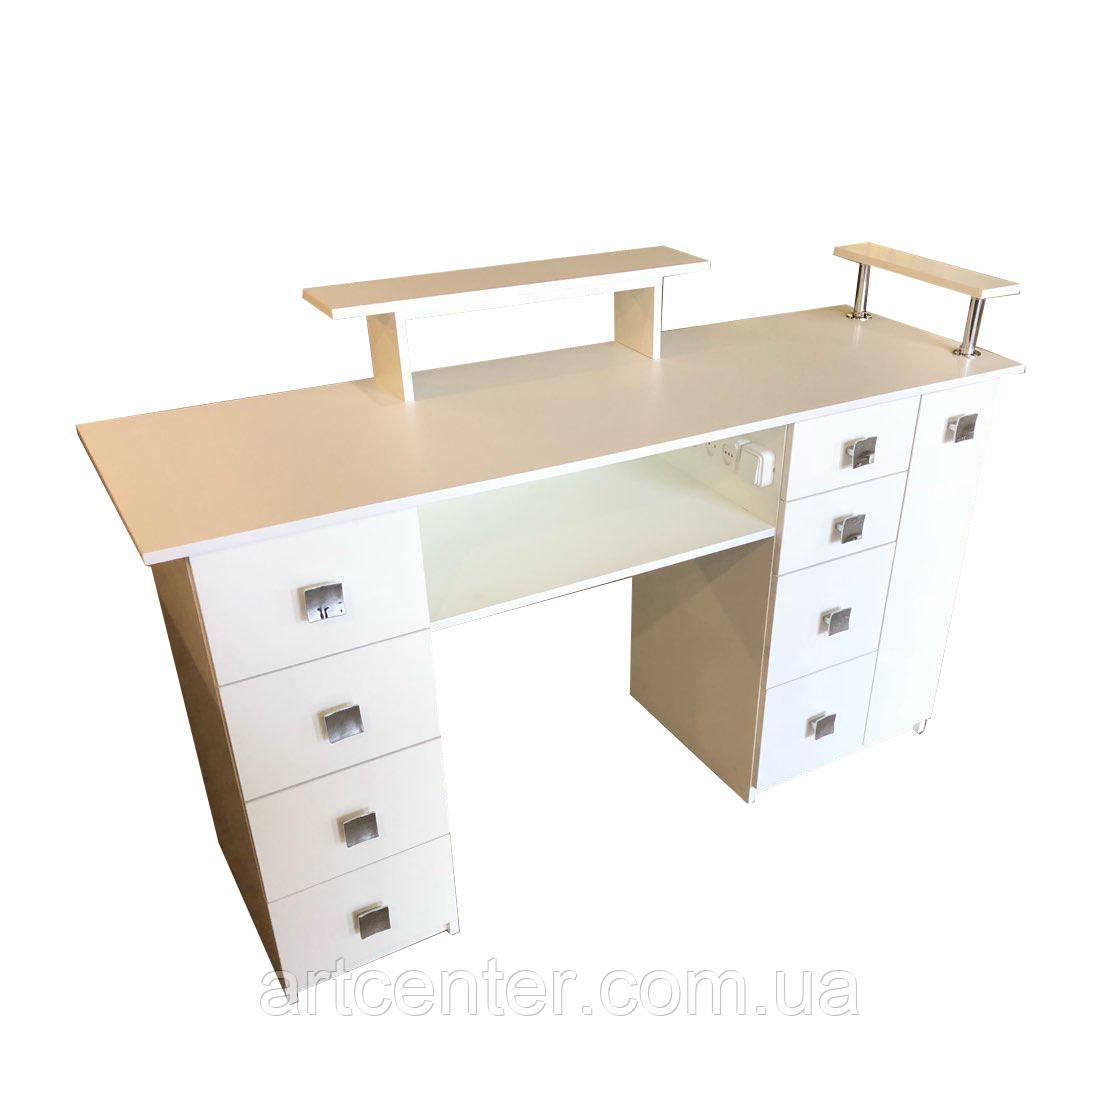 Стіл для манікюру, манікюрний стіл білий з 8 ящиками і карго